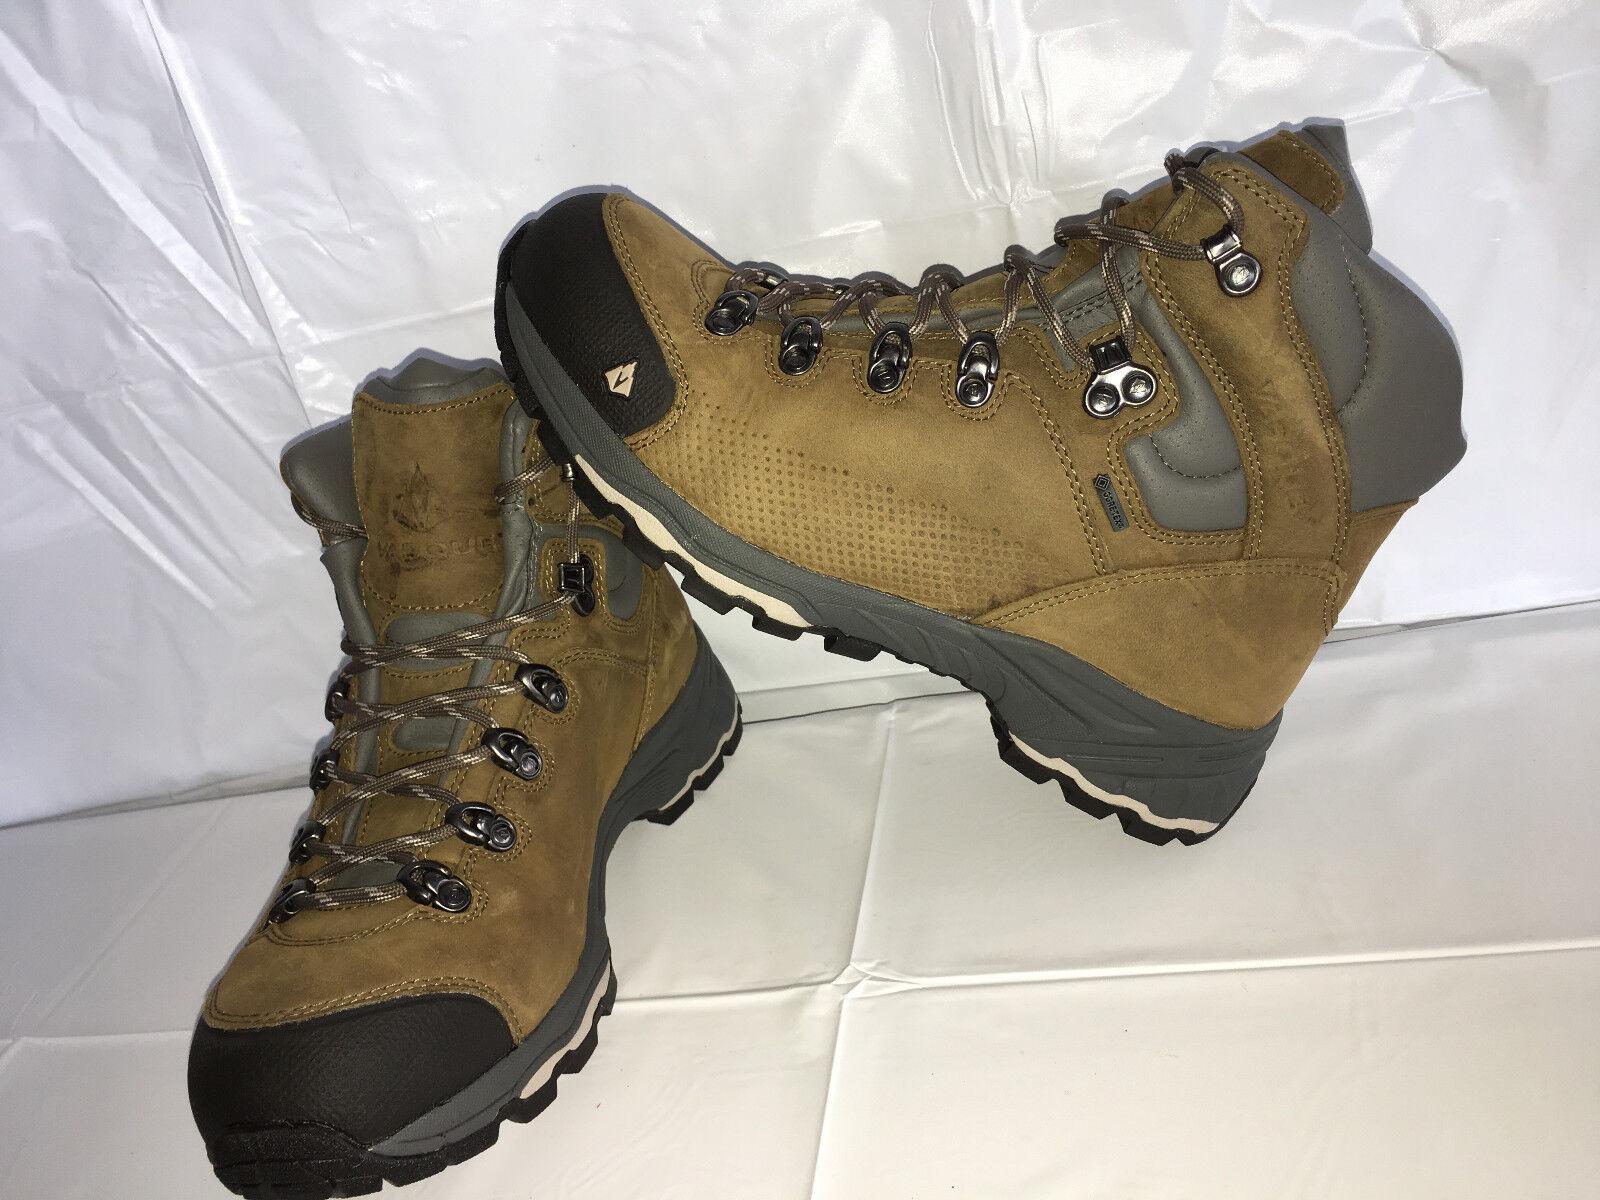 VASQUE ST ELIAS GTX Hiking Stiefel damen Größe US 10 Wide  braun Leather  250